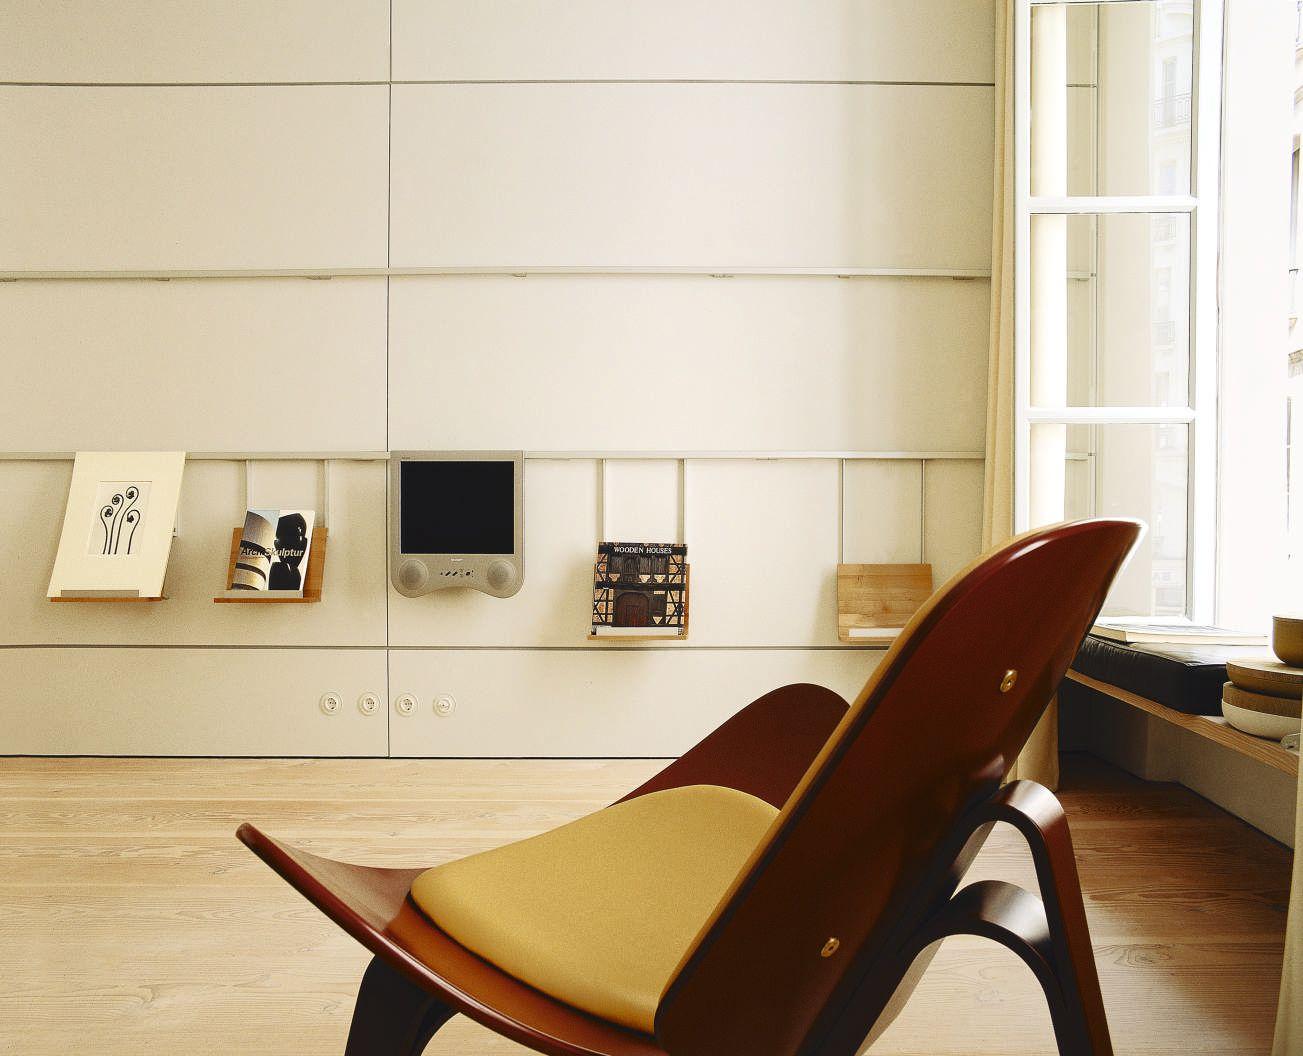 Bulthaup keuken b3 bij Intermat Mijdrecht, modern, strak, design